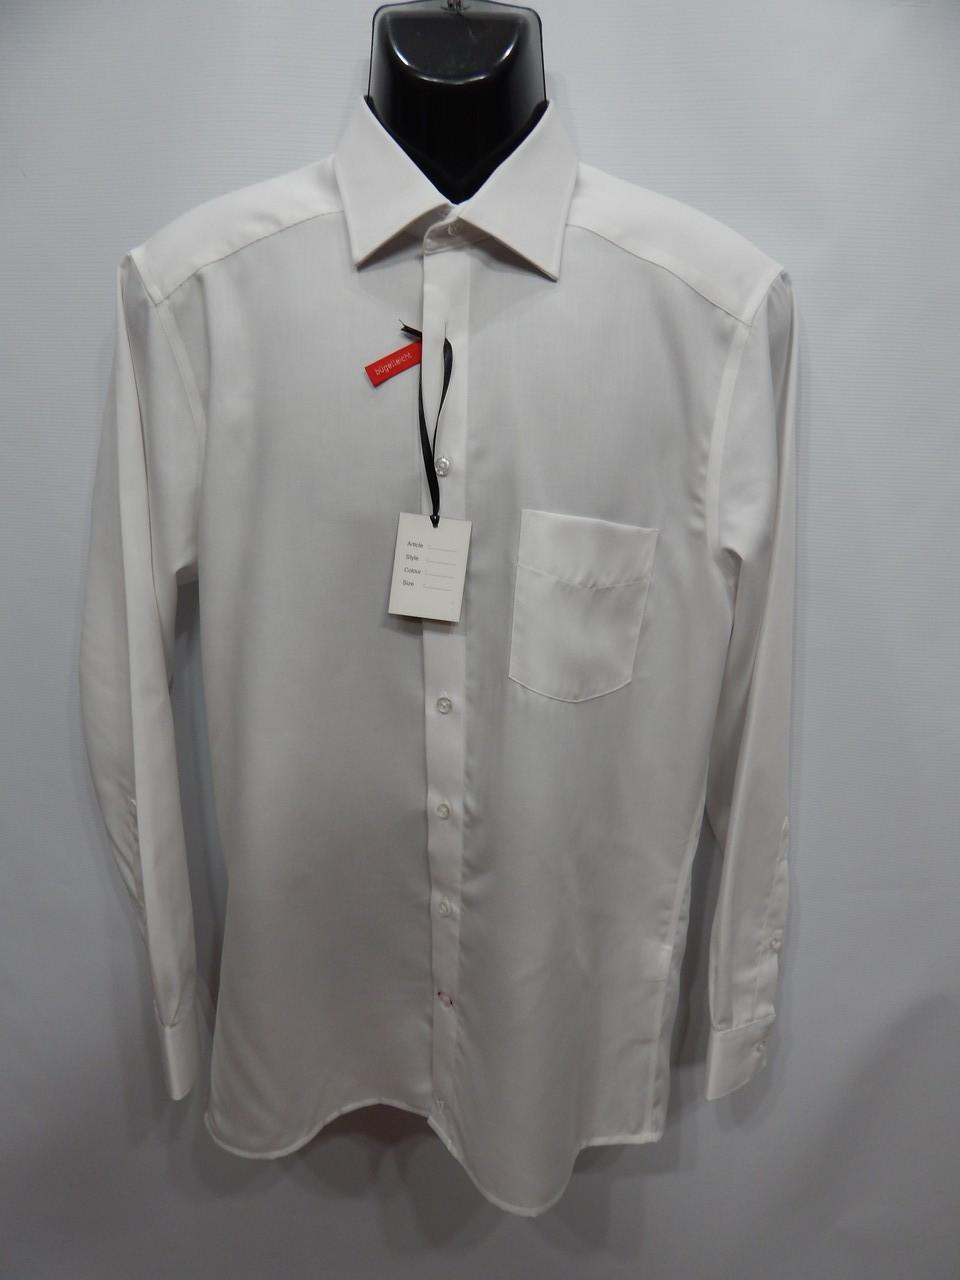 Чоловіча сорочка з довгим рукавом Engelbert Strauss 078ДР р. 48